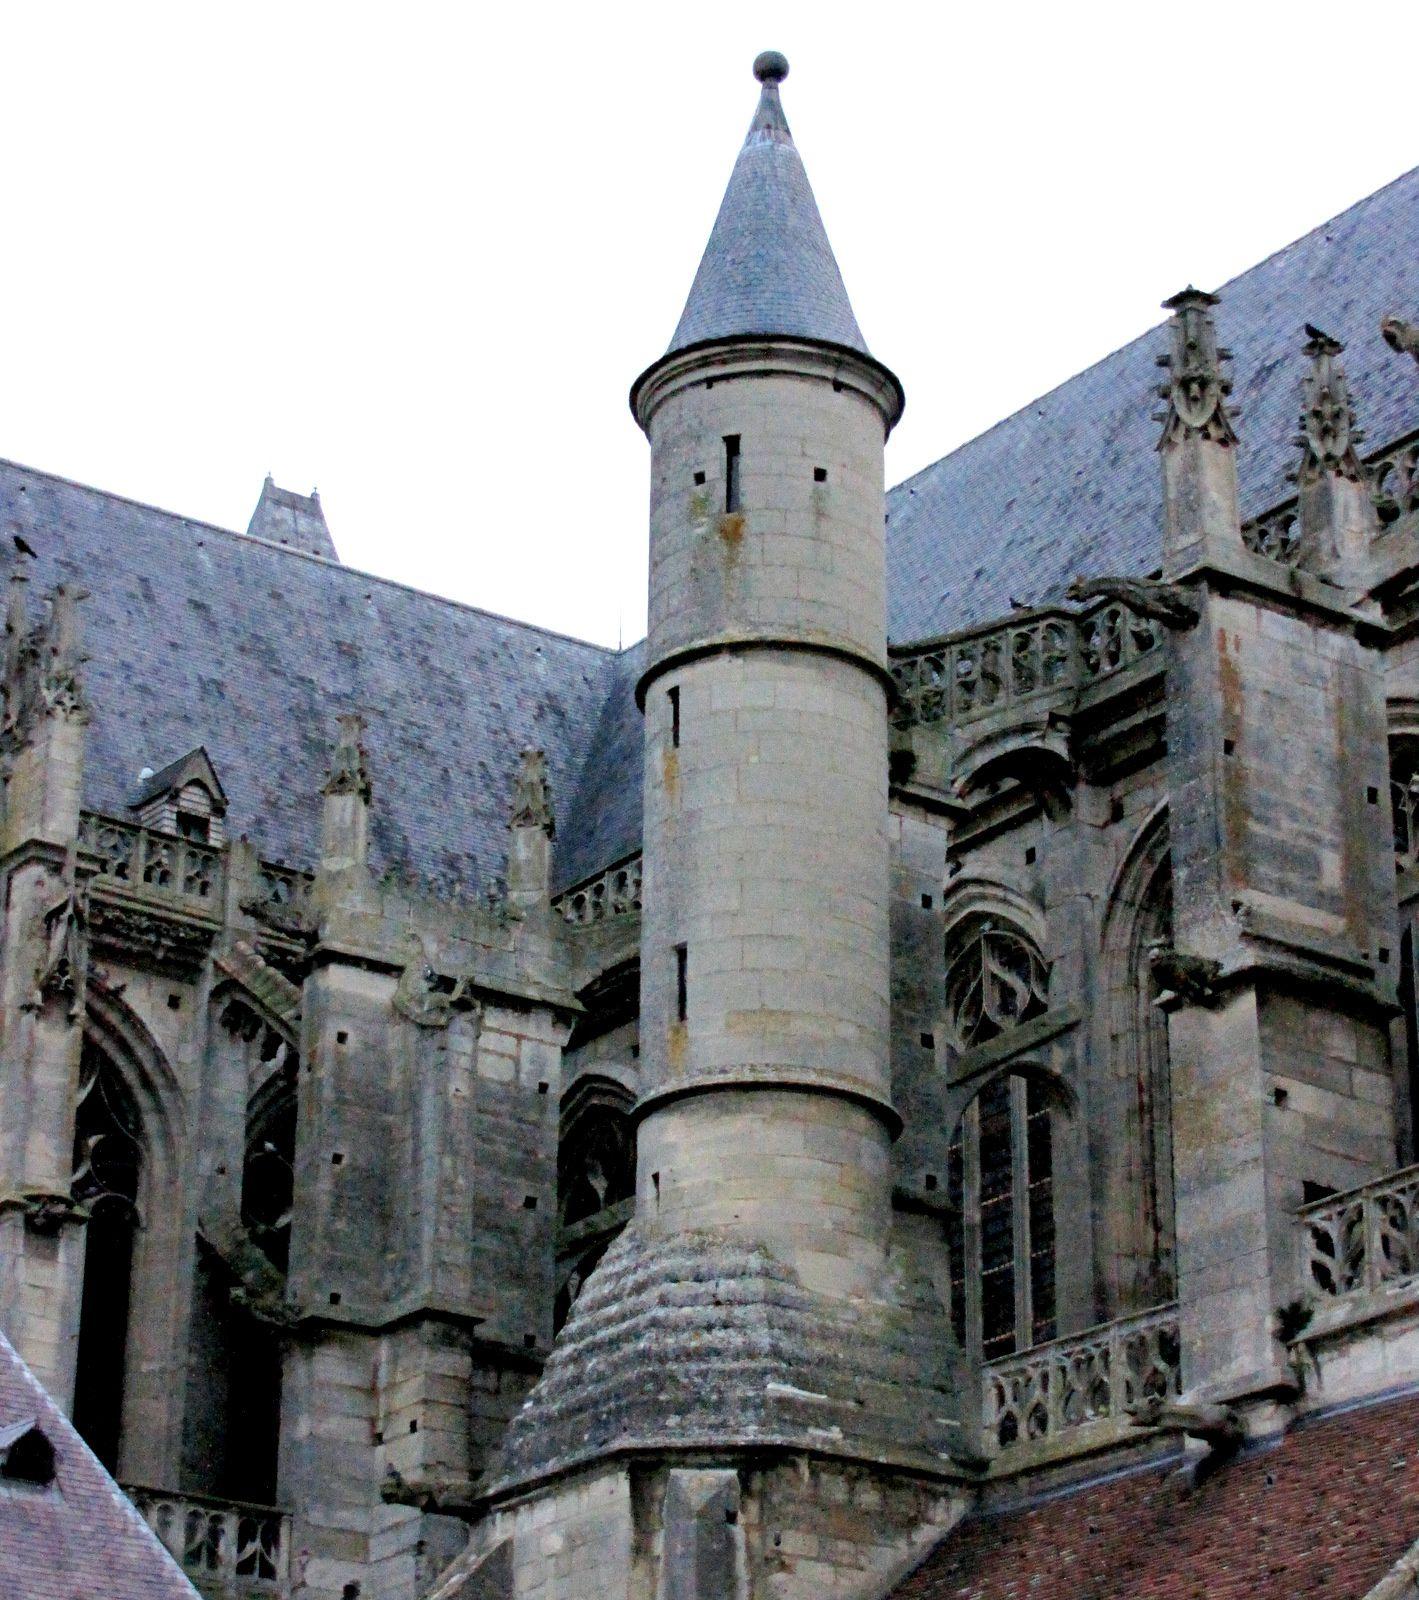 La cathédrale de Senlis, le Portail nord et le Chevet